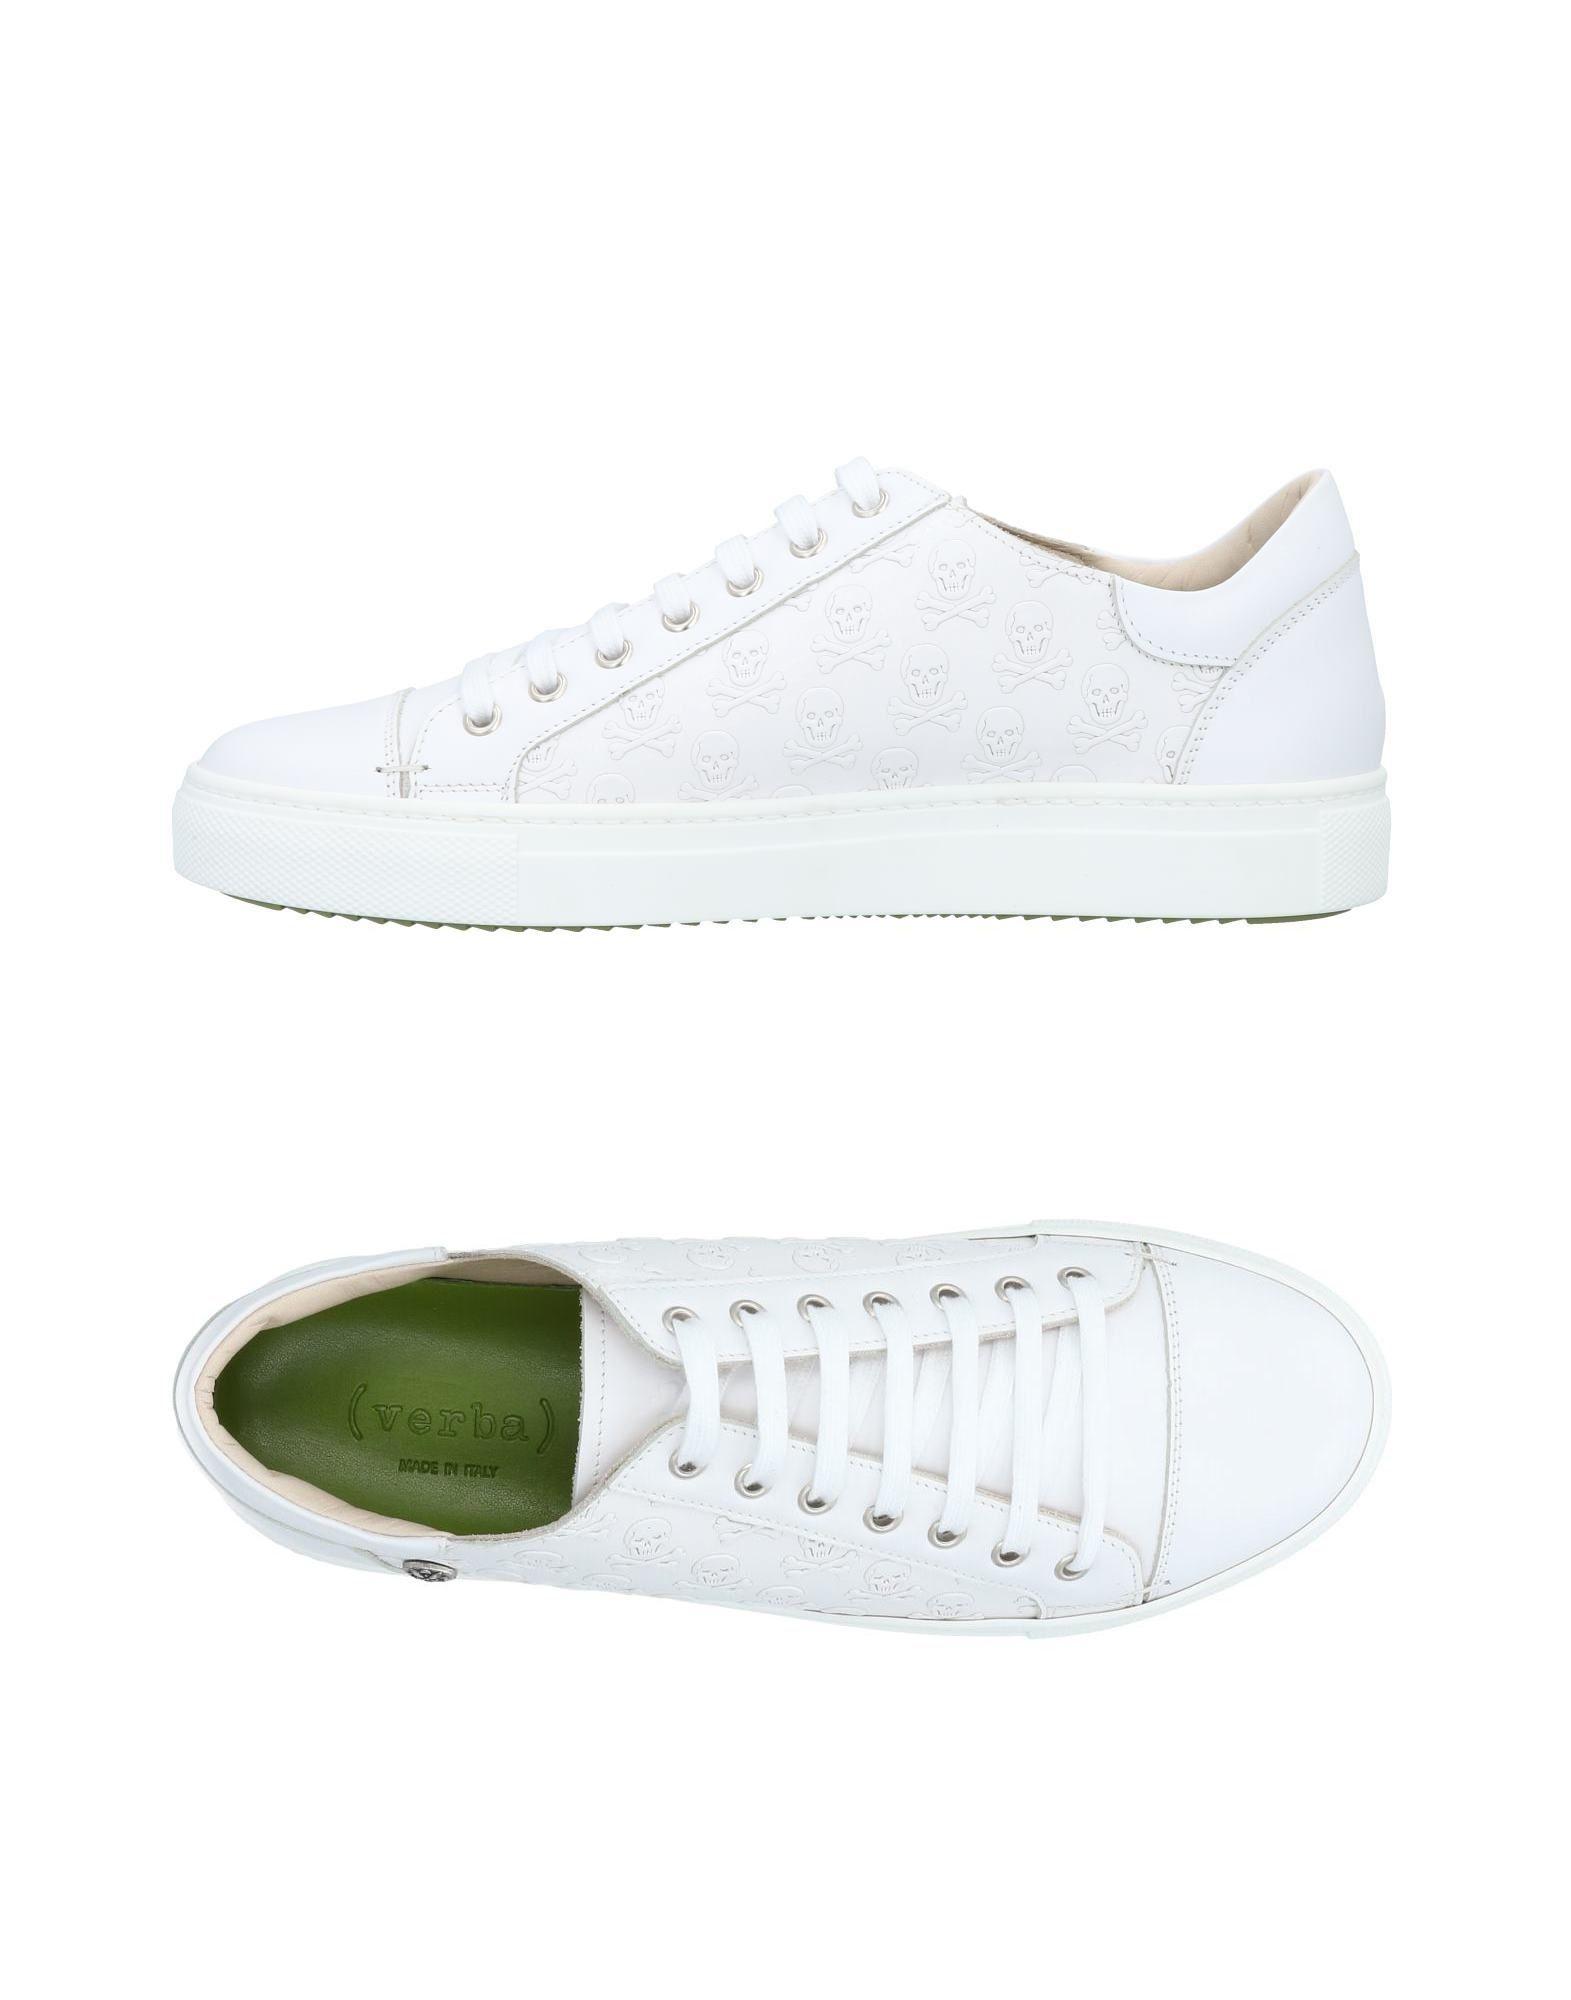 ( Verba ) Sneakers Herren  11484293QH